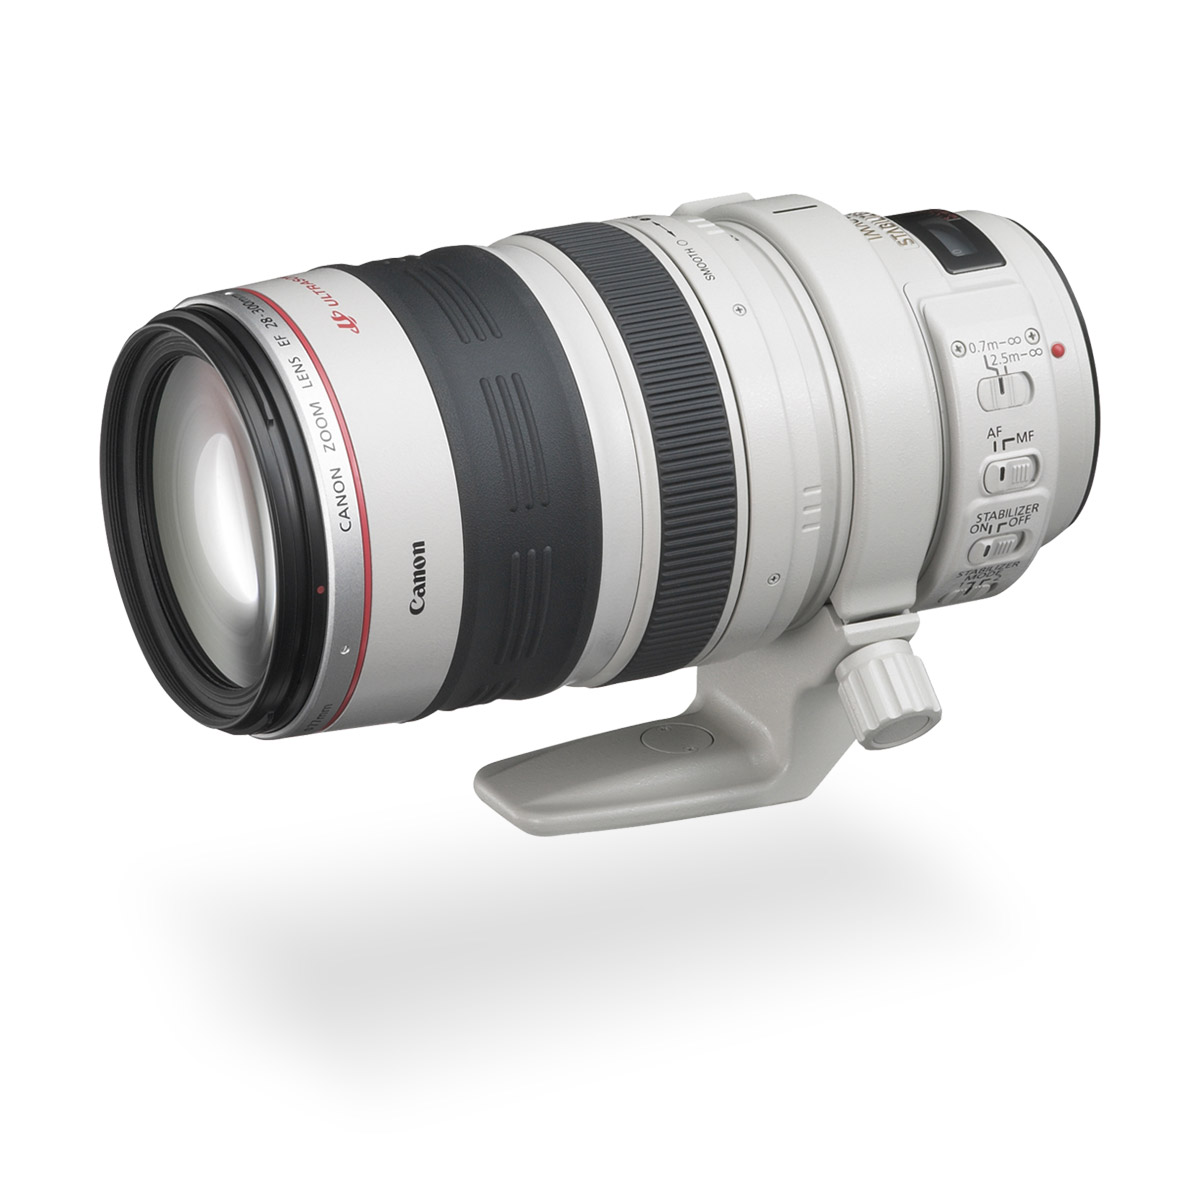 EF 28-300mm f/3.5-5.6L IS USM lens